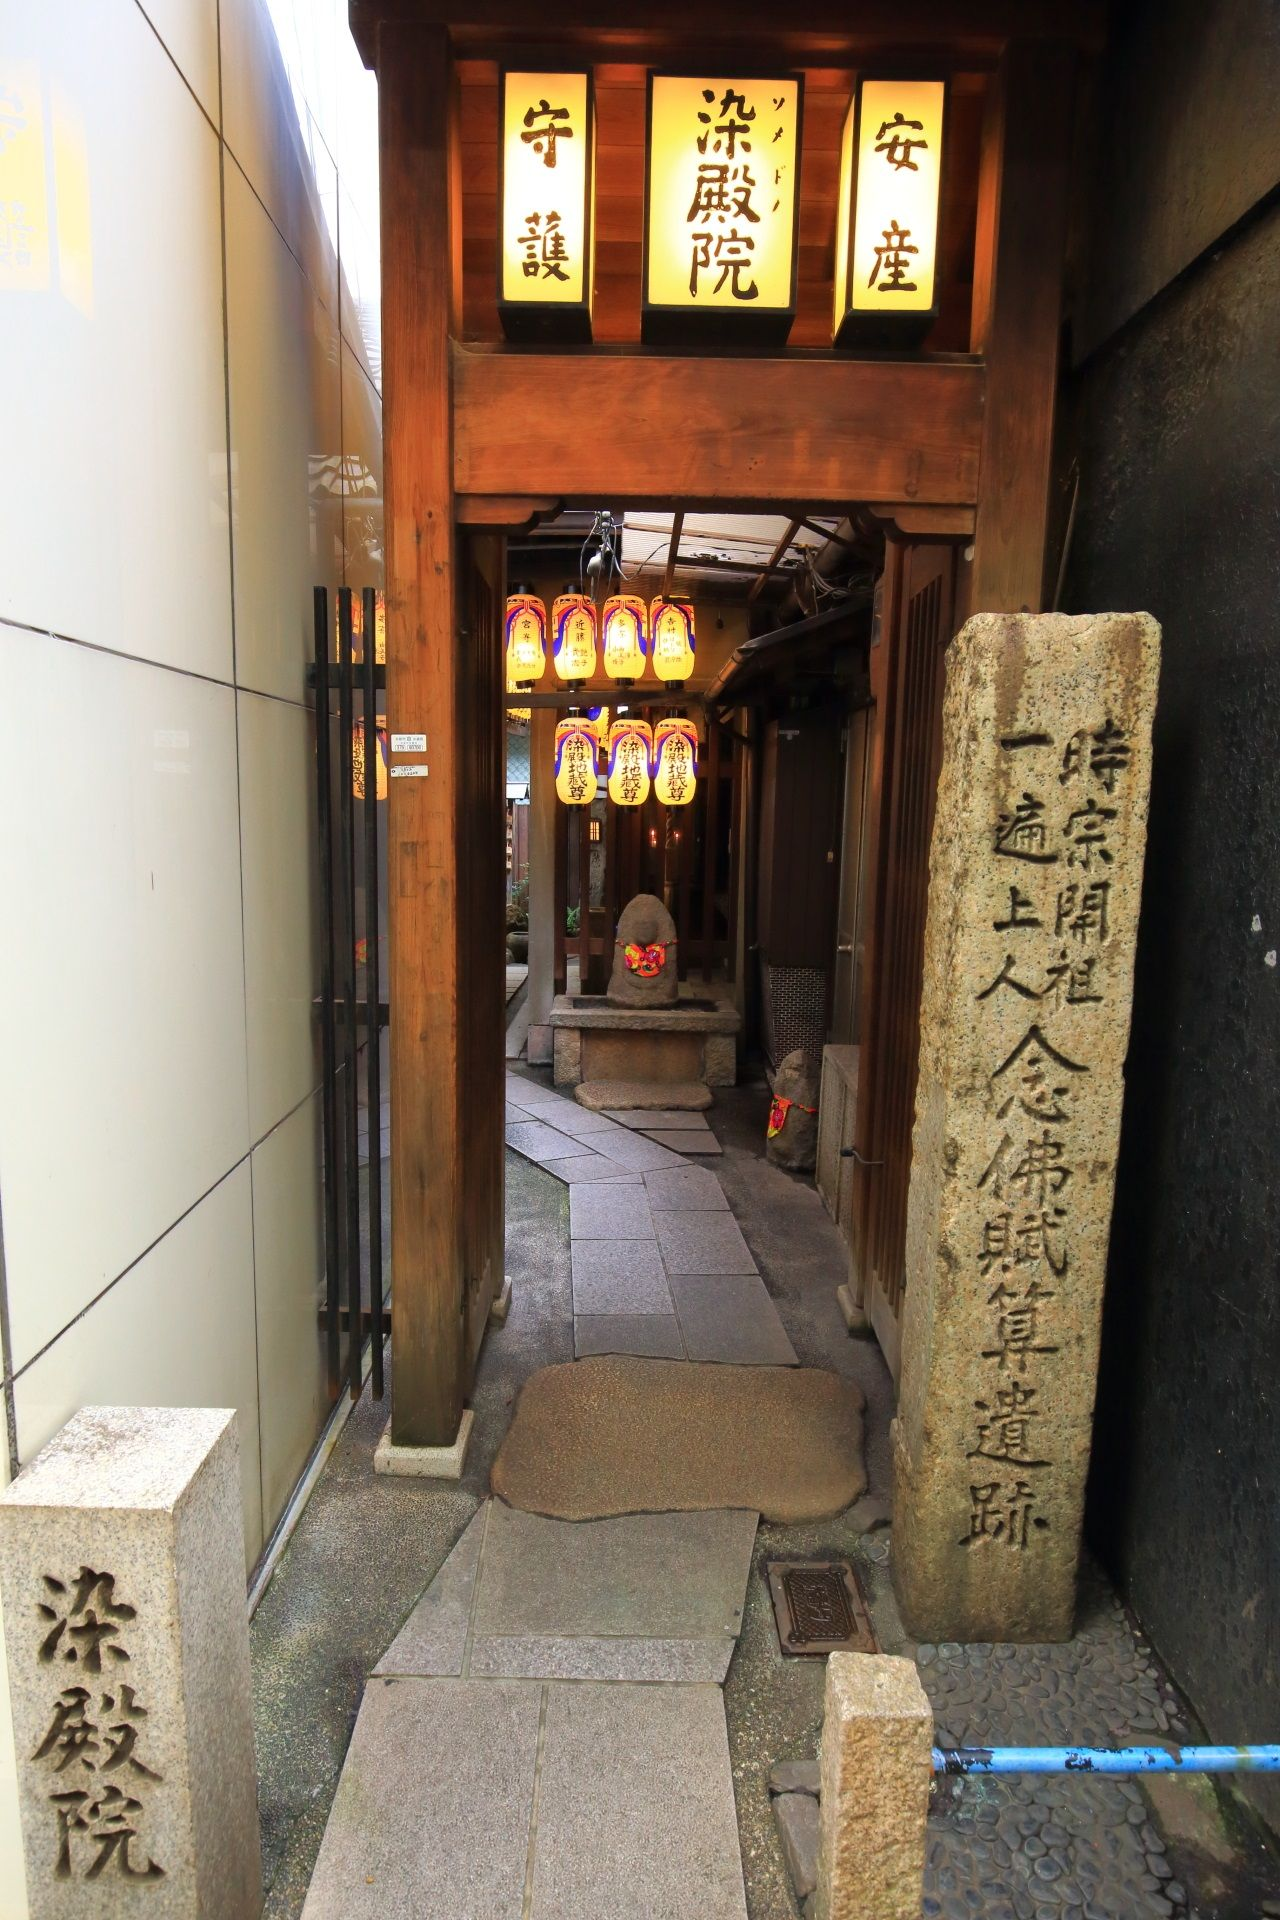 京都染殿院(染殿地蔵)の新京極通側の入口